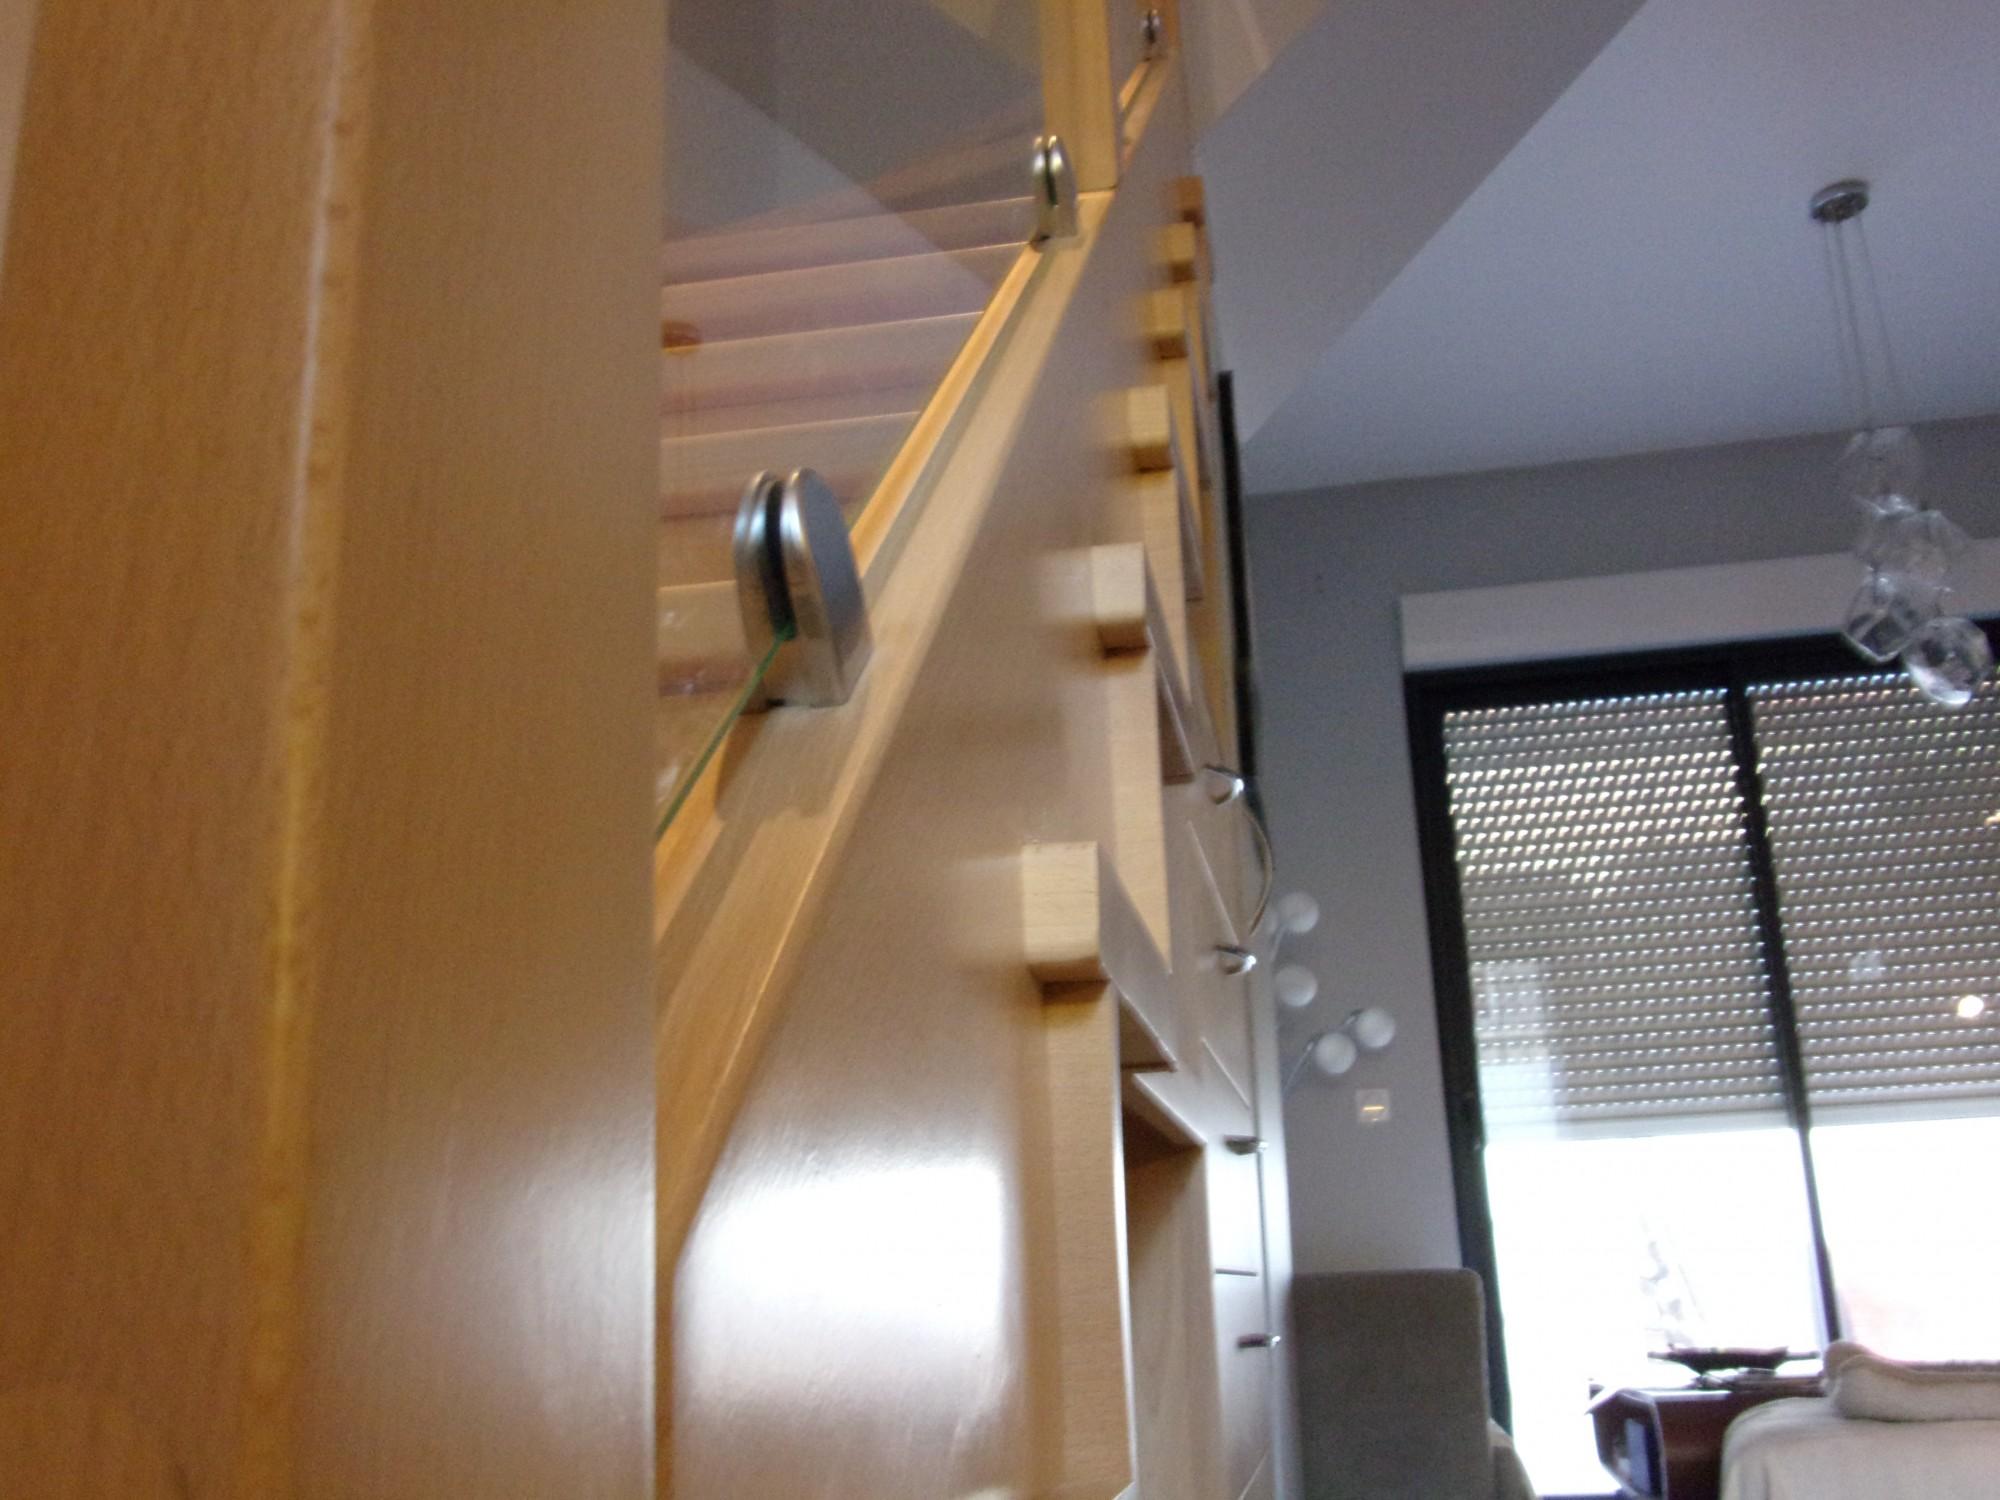 Escalier En Bois Avec Rangement escalier bois avec rangement - menuiserie md marseille